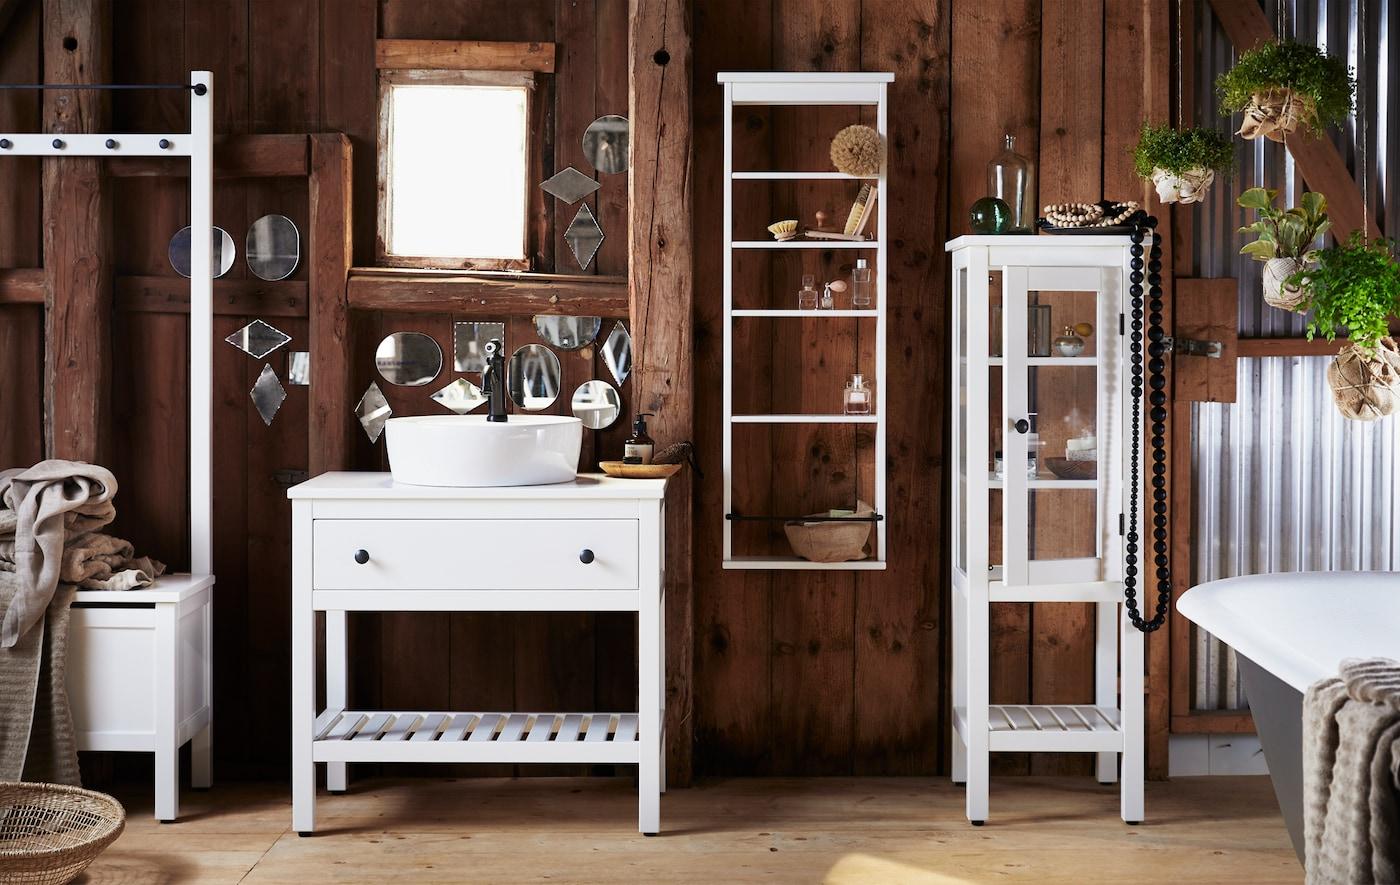 Kupaonica s tamnim drvenim zidovima i tradicionalnim bijelim rješenjima za odlaganje.